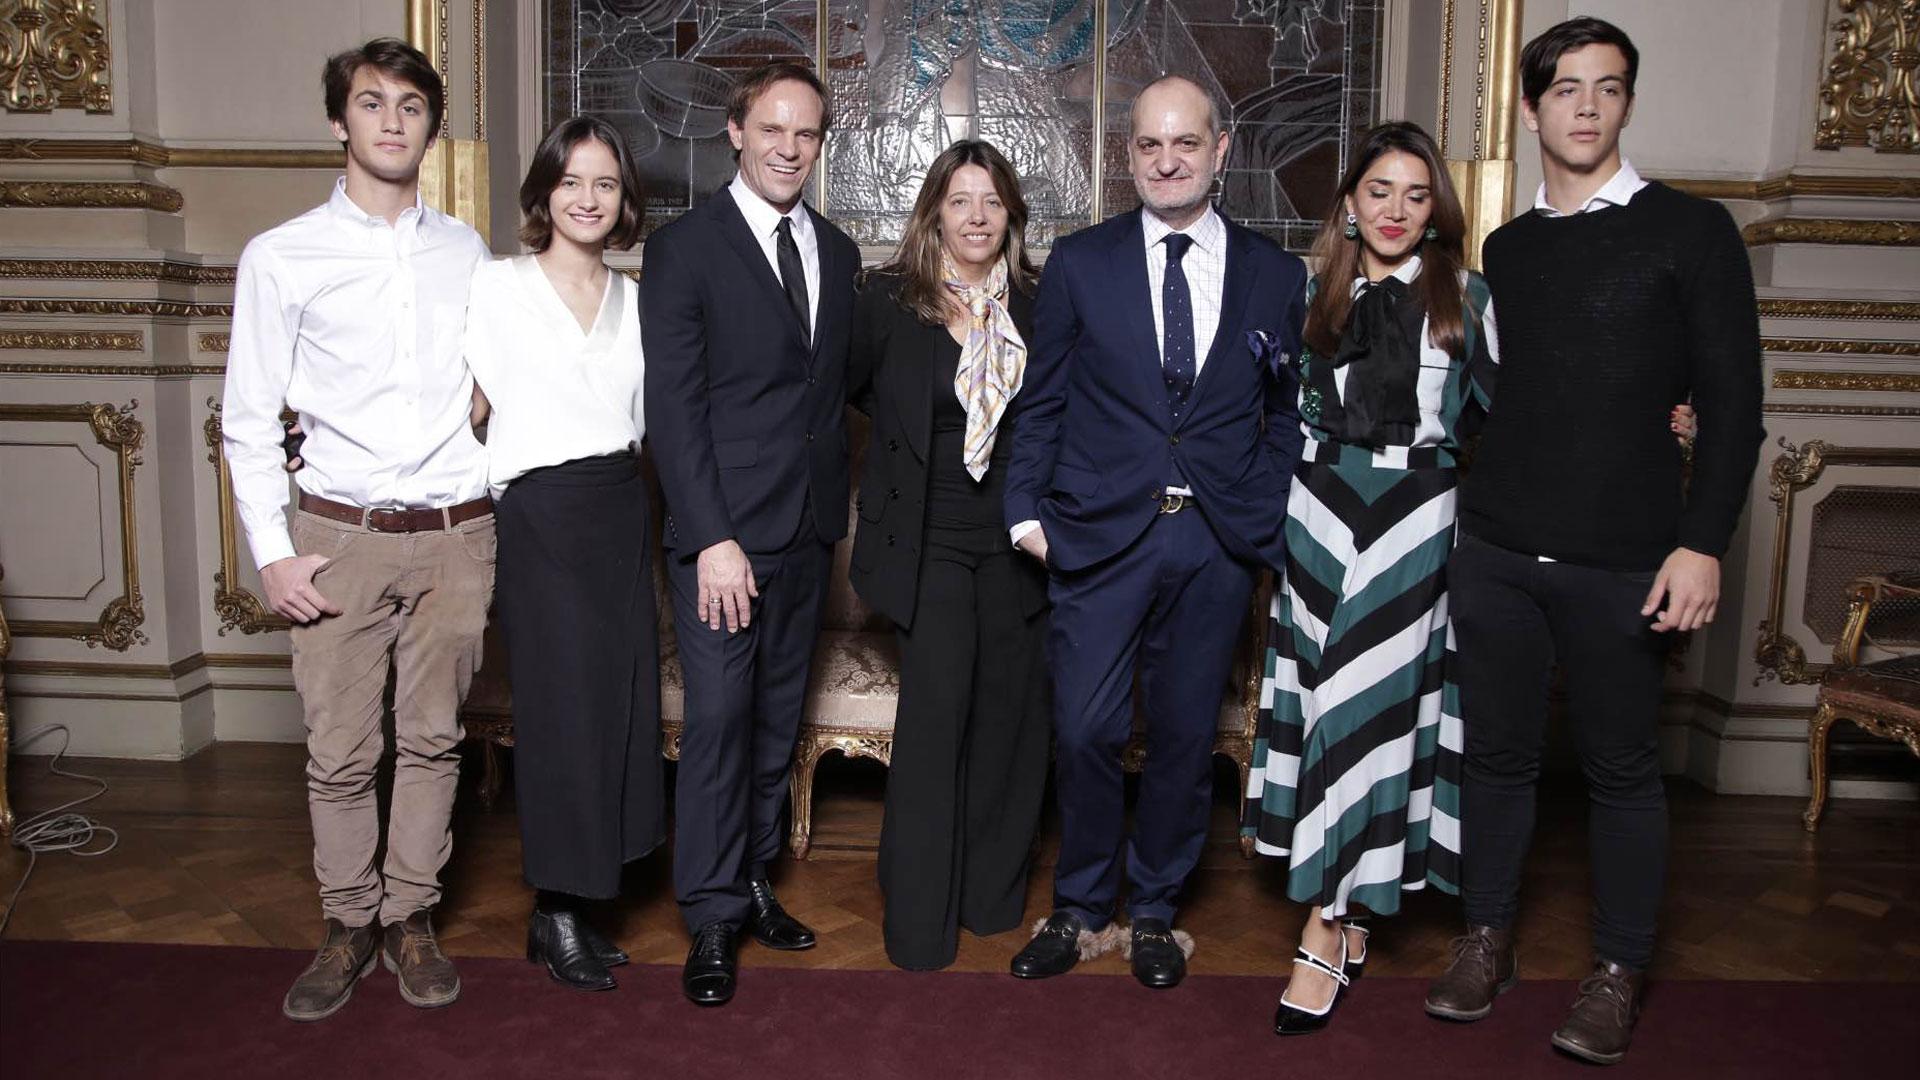 Axel Calicchio, Violeta Juni, Thiago Pinheiro, la PR María Claudia Pedrayes, Laurencio Adot, Vivi Gallo y Marcos Juni